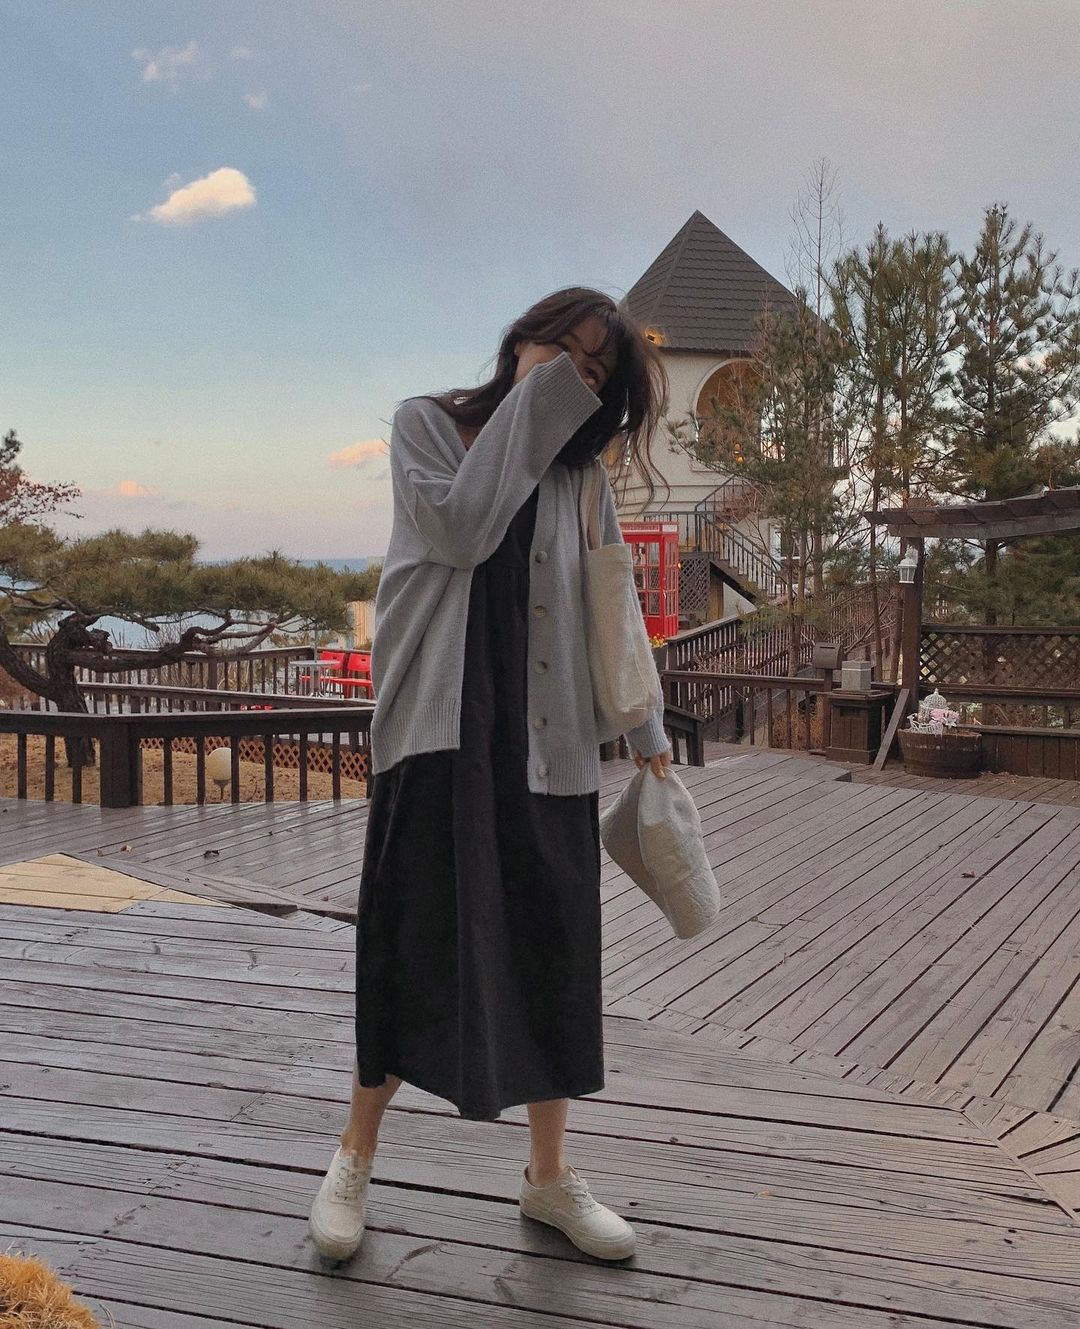 Sáng lạnh trưa ấm, các nàng hãy lên đồ theo 10 gợi ý này để xinh đẹp đi du Xuân mà chẳng ngại thời tiết ẩm ương - Ảnh 4.